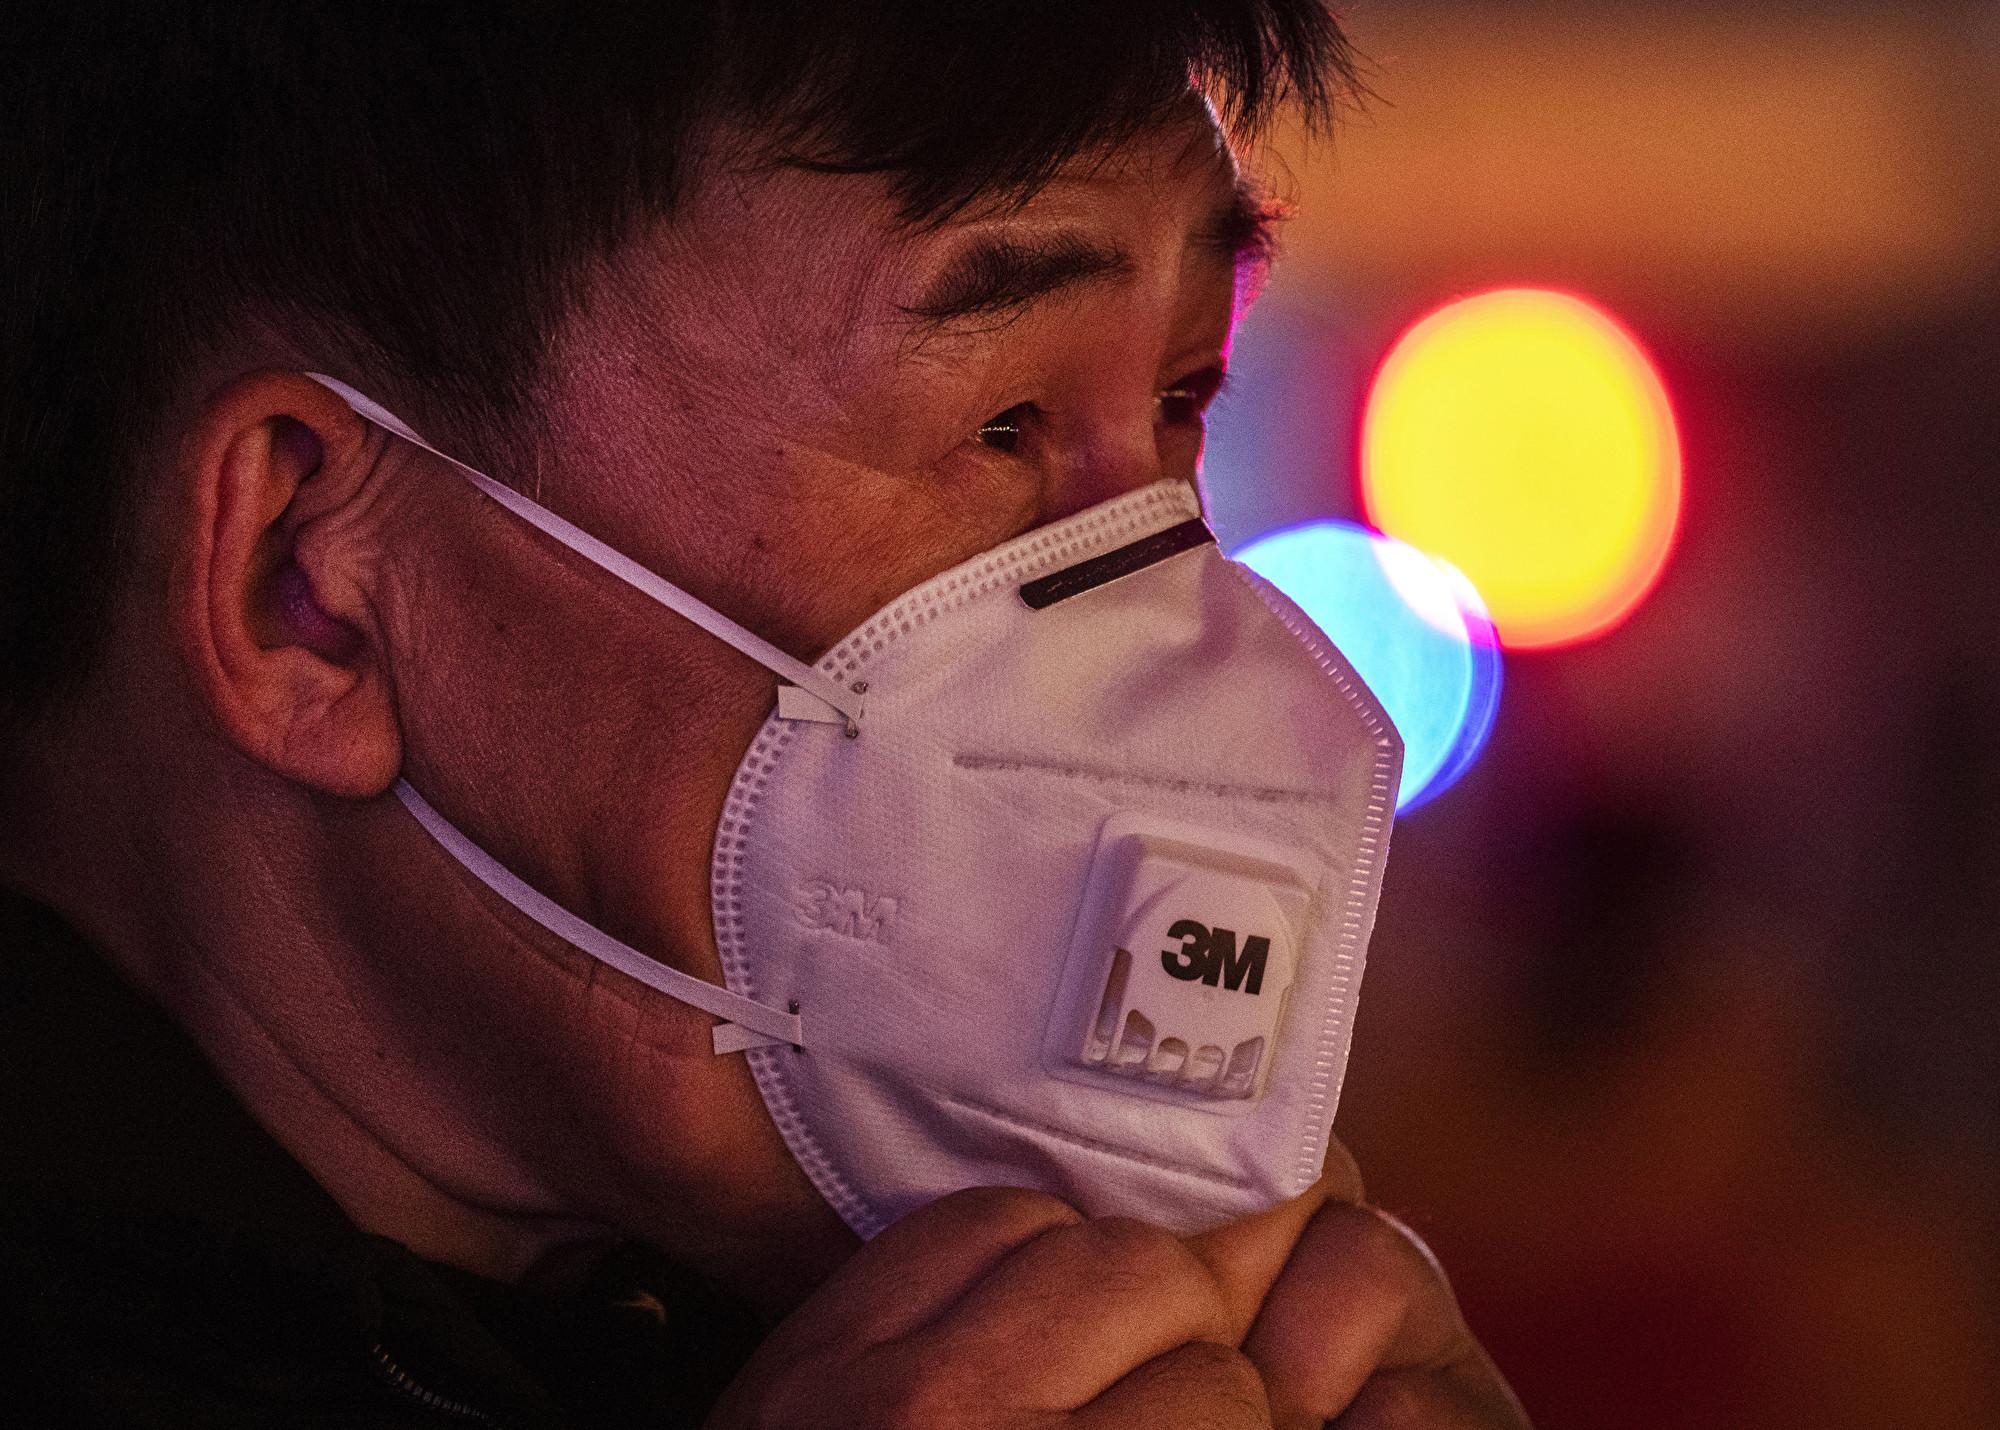 世衛宣佈武漢肺炎為國際公共衛生緊急事件